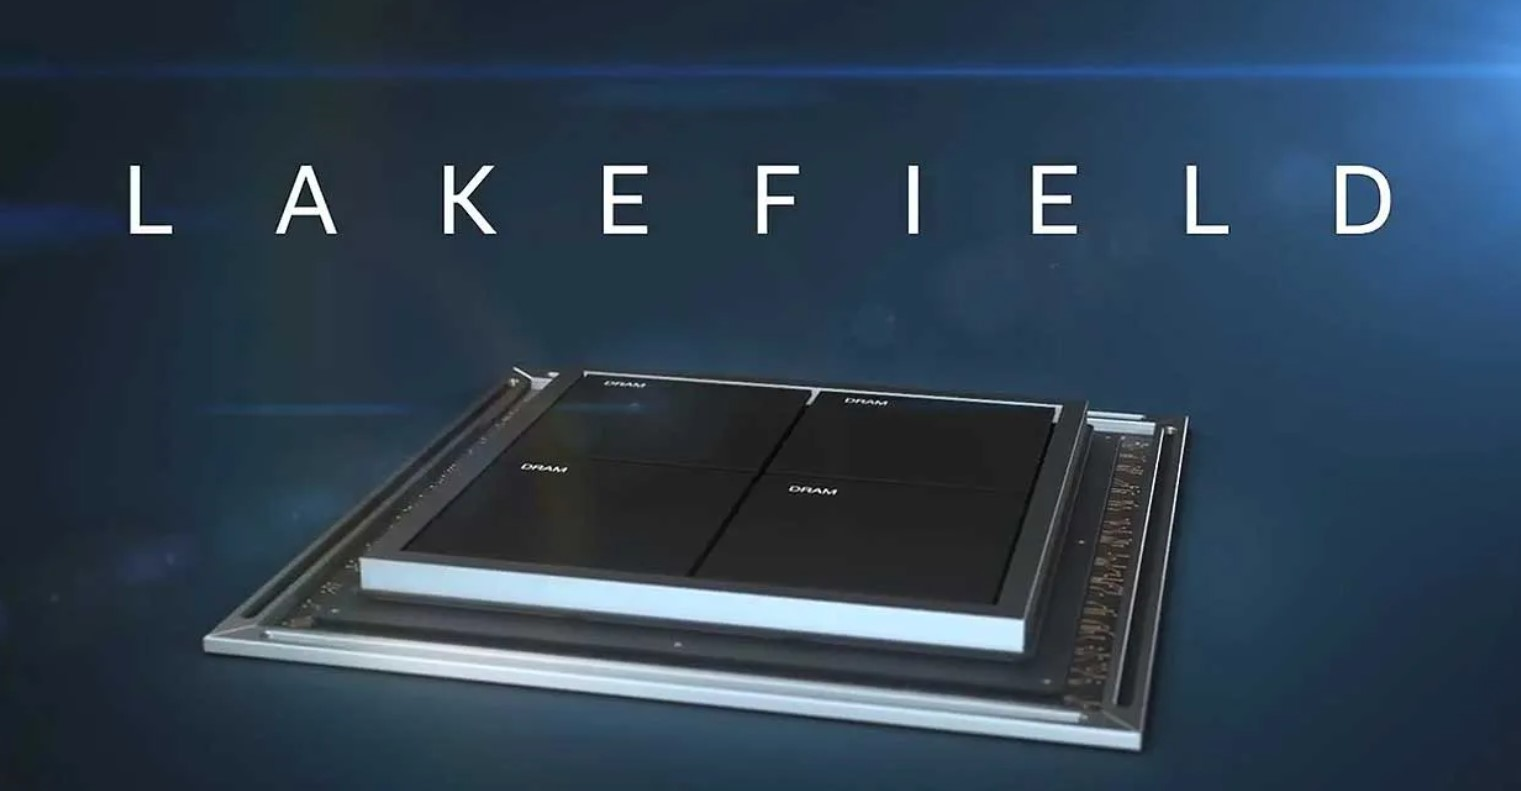 Intel presentó Lakefield, su procesador más pequeño con tecnología híbrida